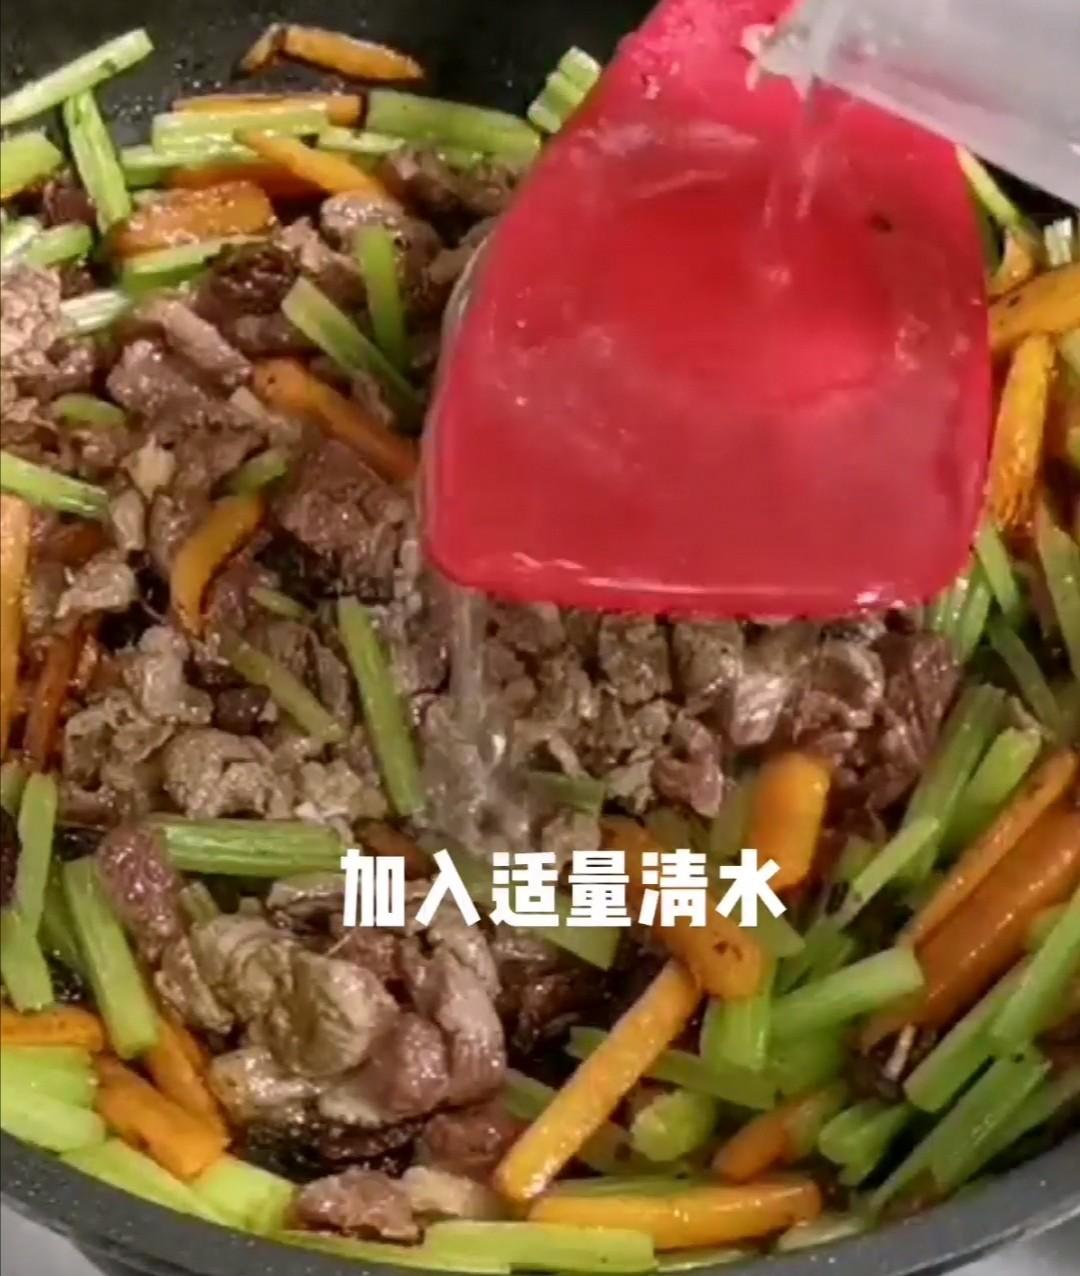 沙茶鸭肉怎么炒